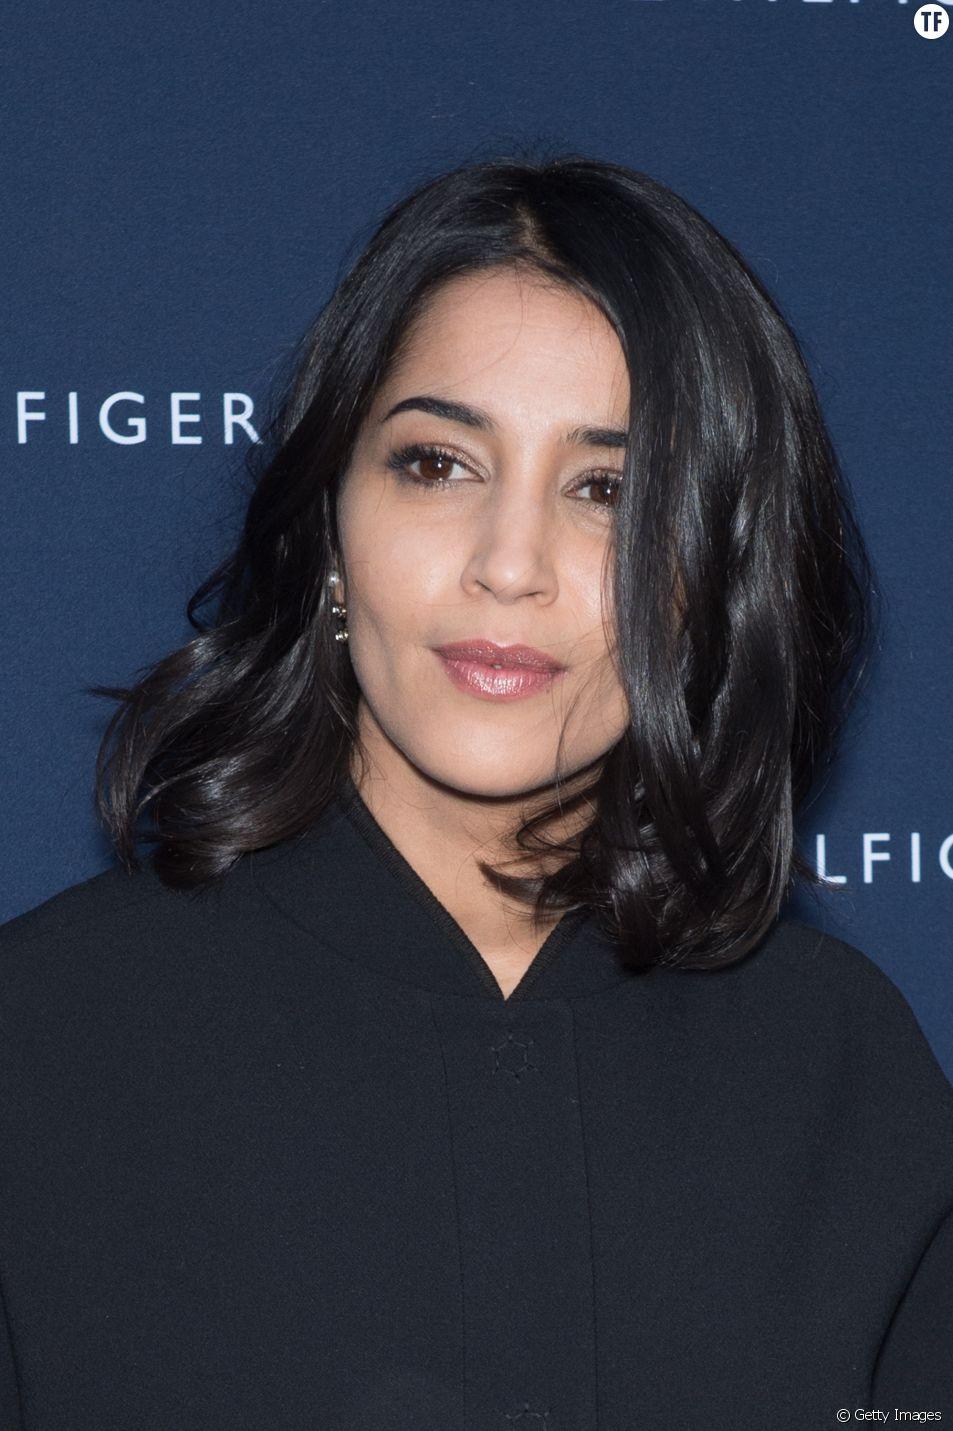 Leïla Bekhti a véritabelemnt hâte d'avoir des enfant avec son époux, l'acteur Tahar Rahim.